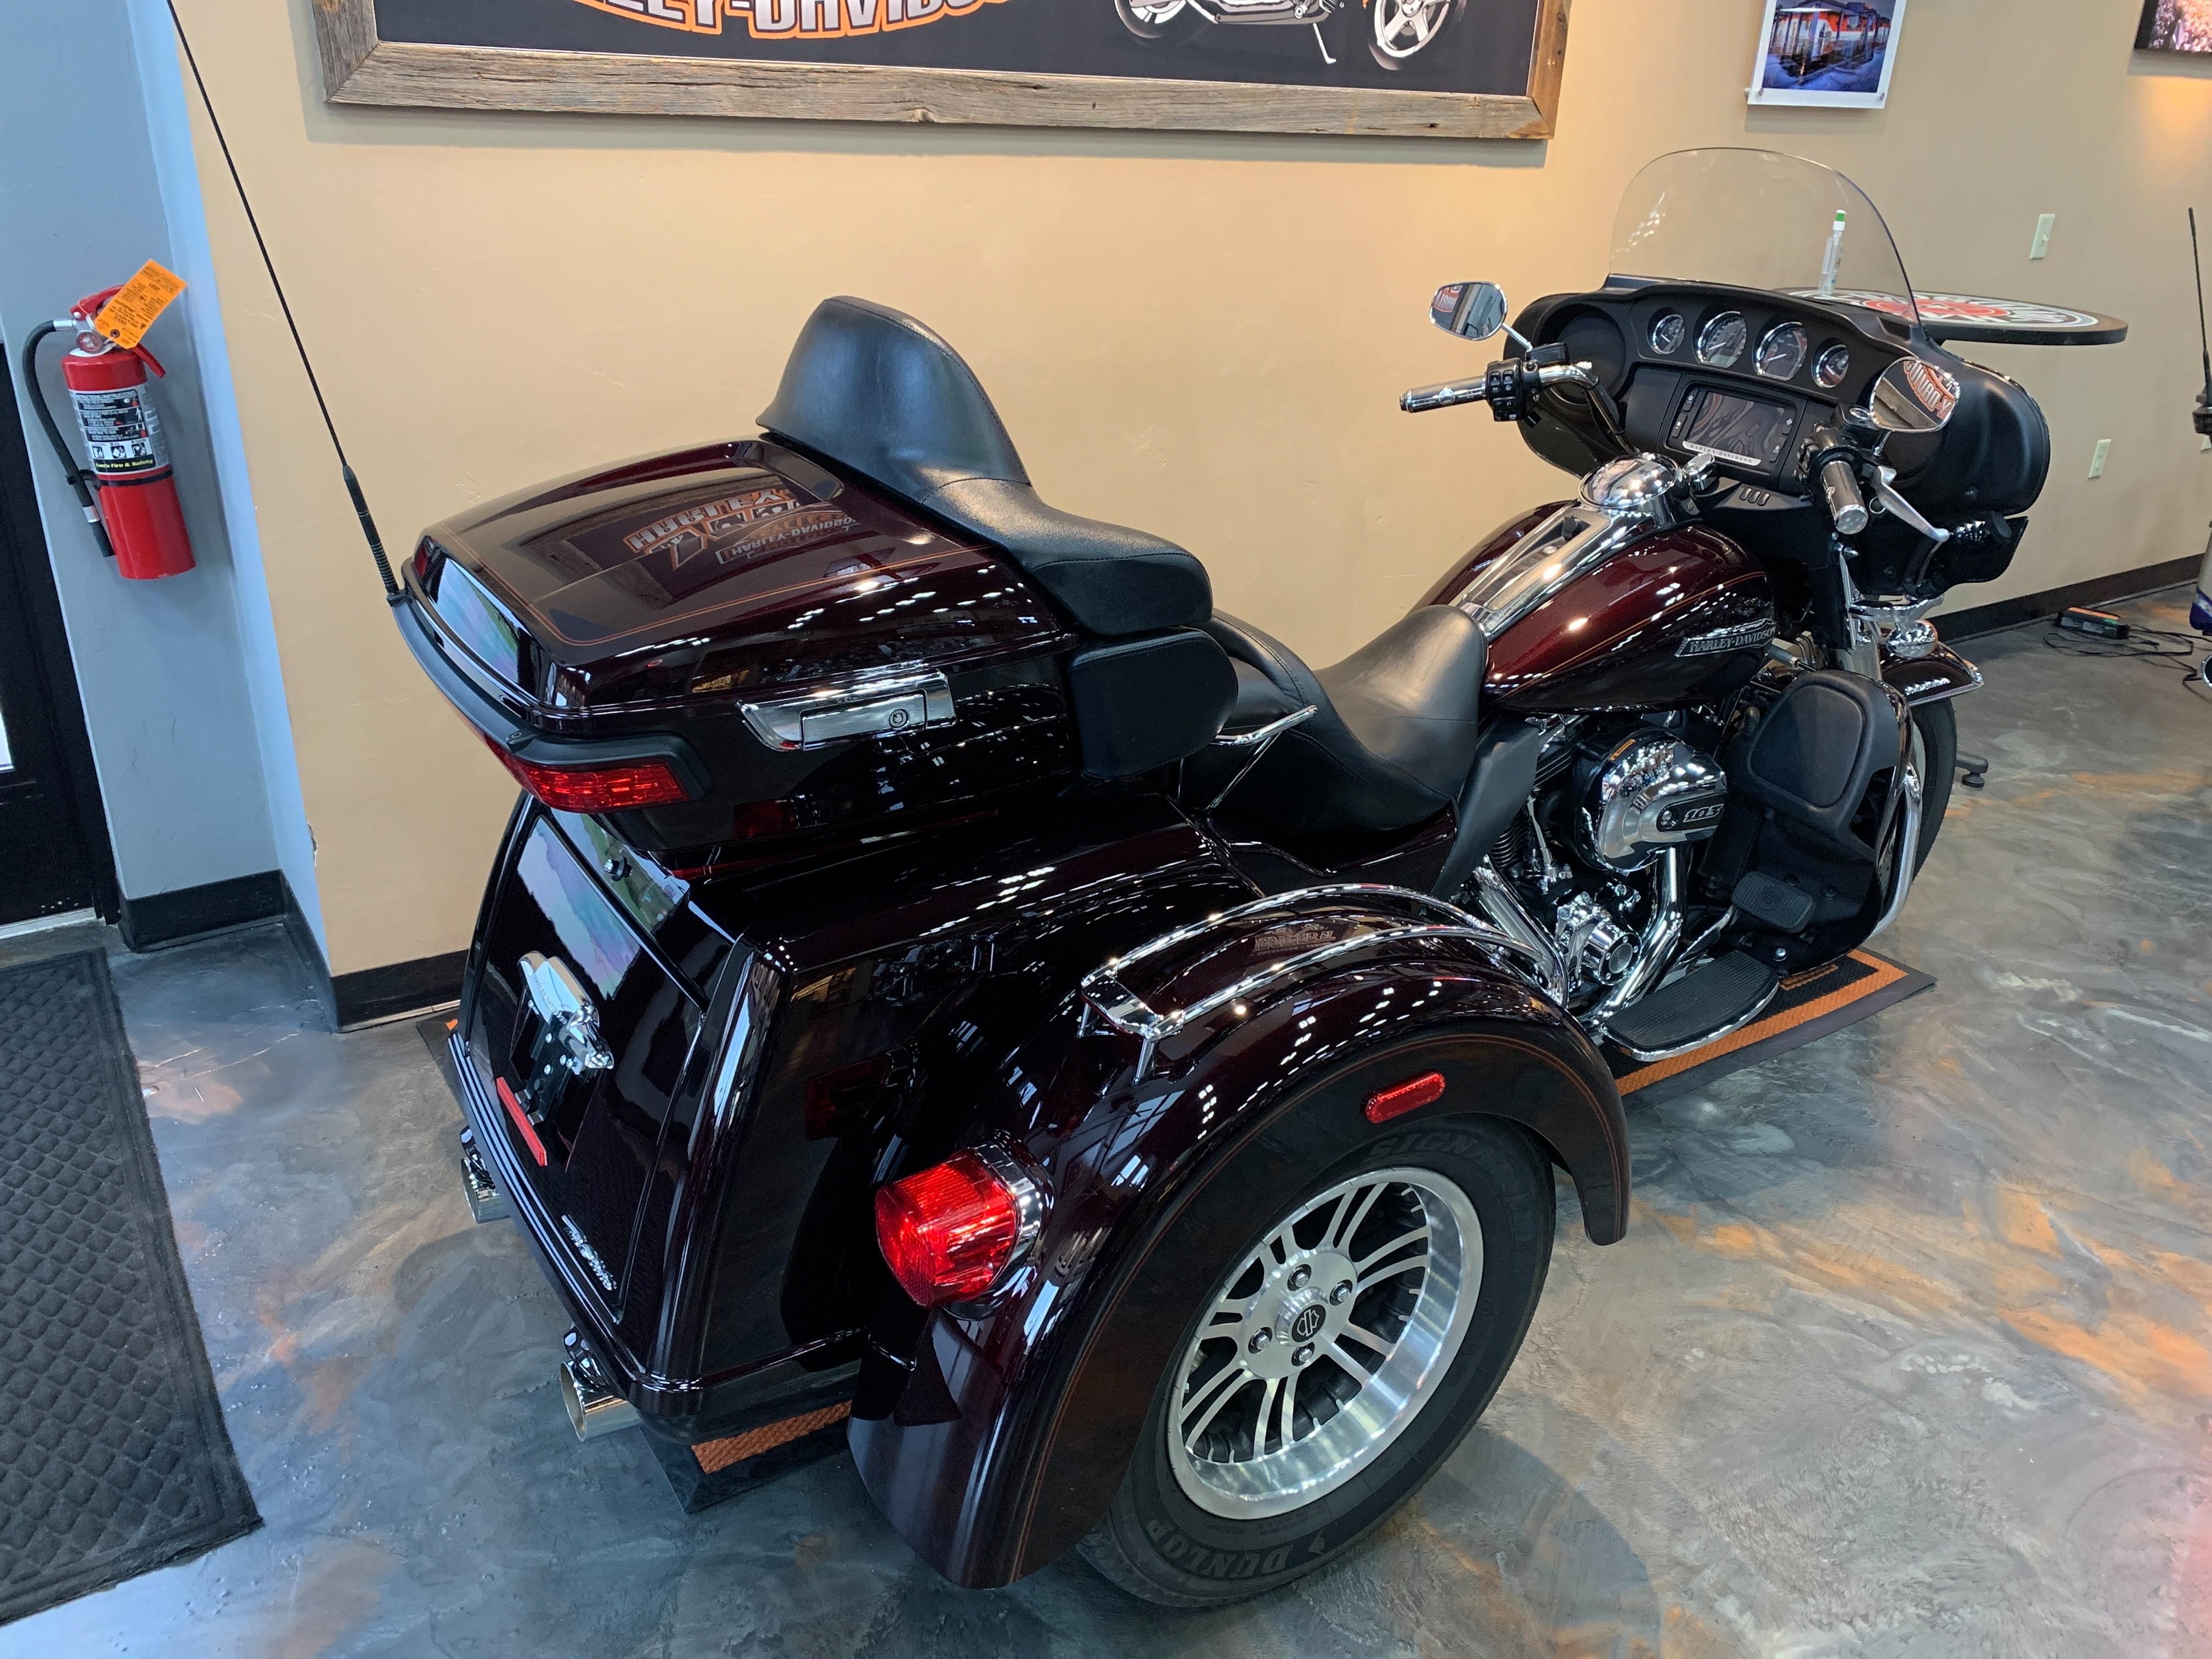 2014 Harley-Davidson Trike Tri Glide Ultra at Vandervest Harley-Davidson, Green Bay, WI 54303